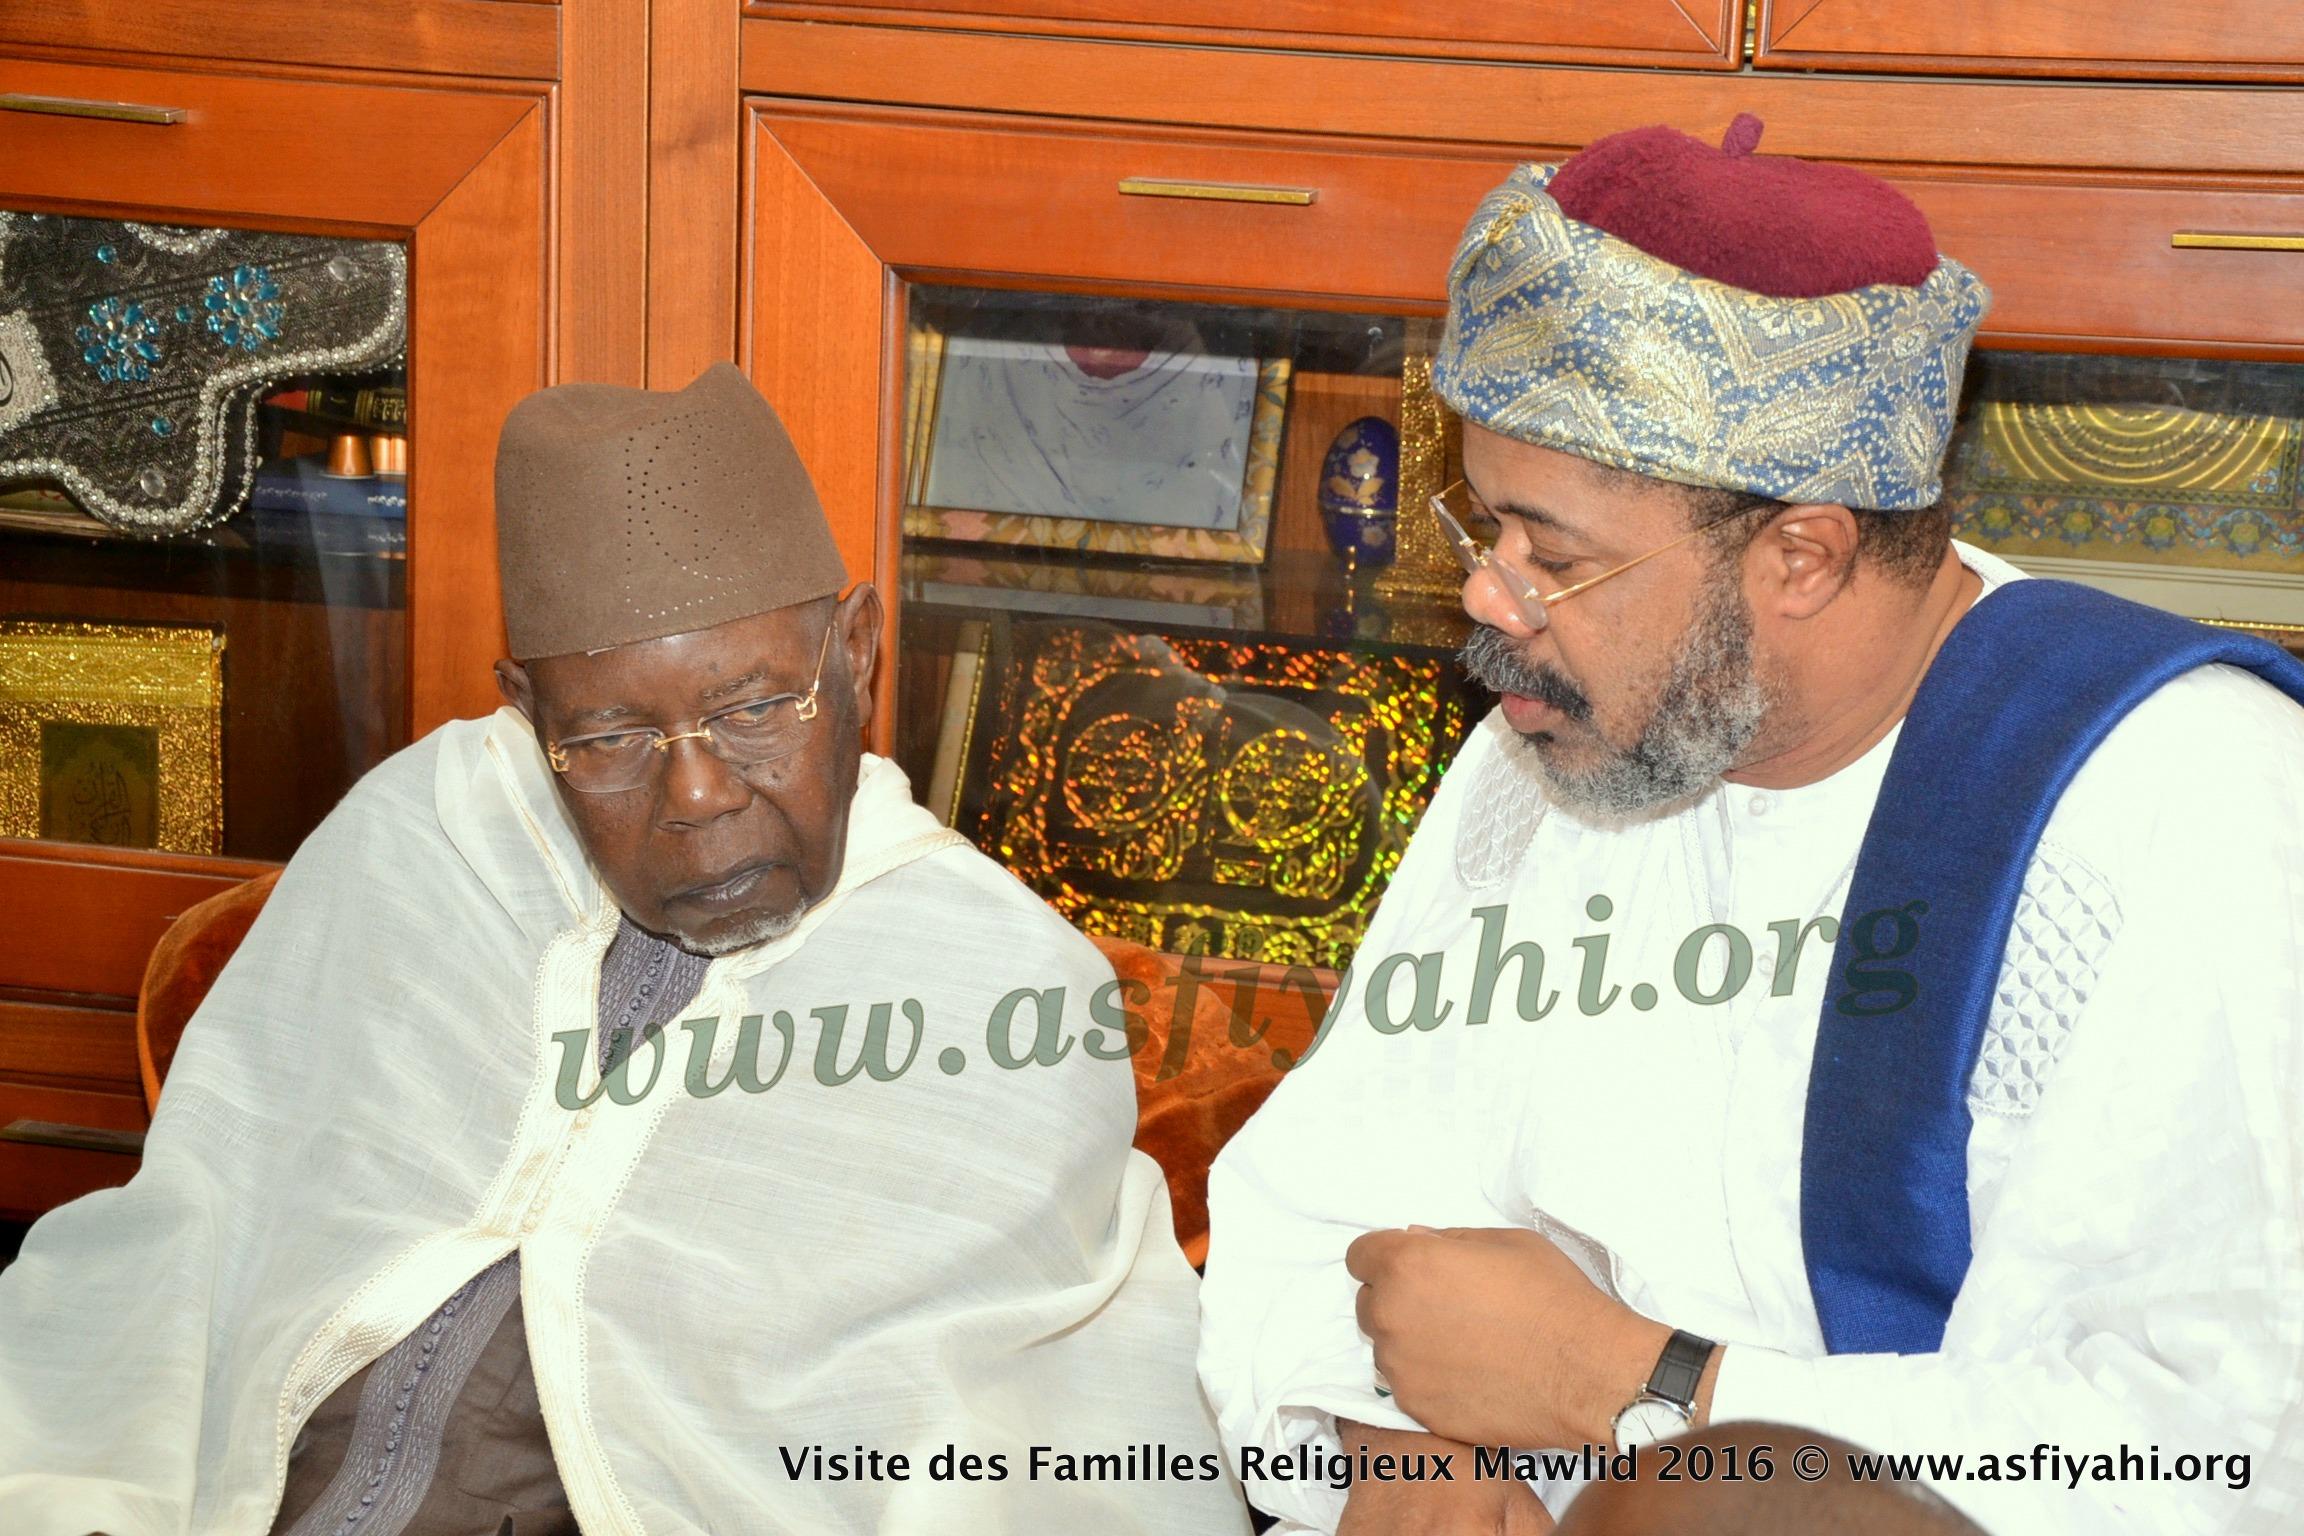 PHOTOS - Gamou Tivaouane 2016 - Reception de la delegation du Khalif des  Mourides et de Thierno Bachir Tall